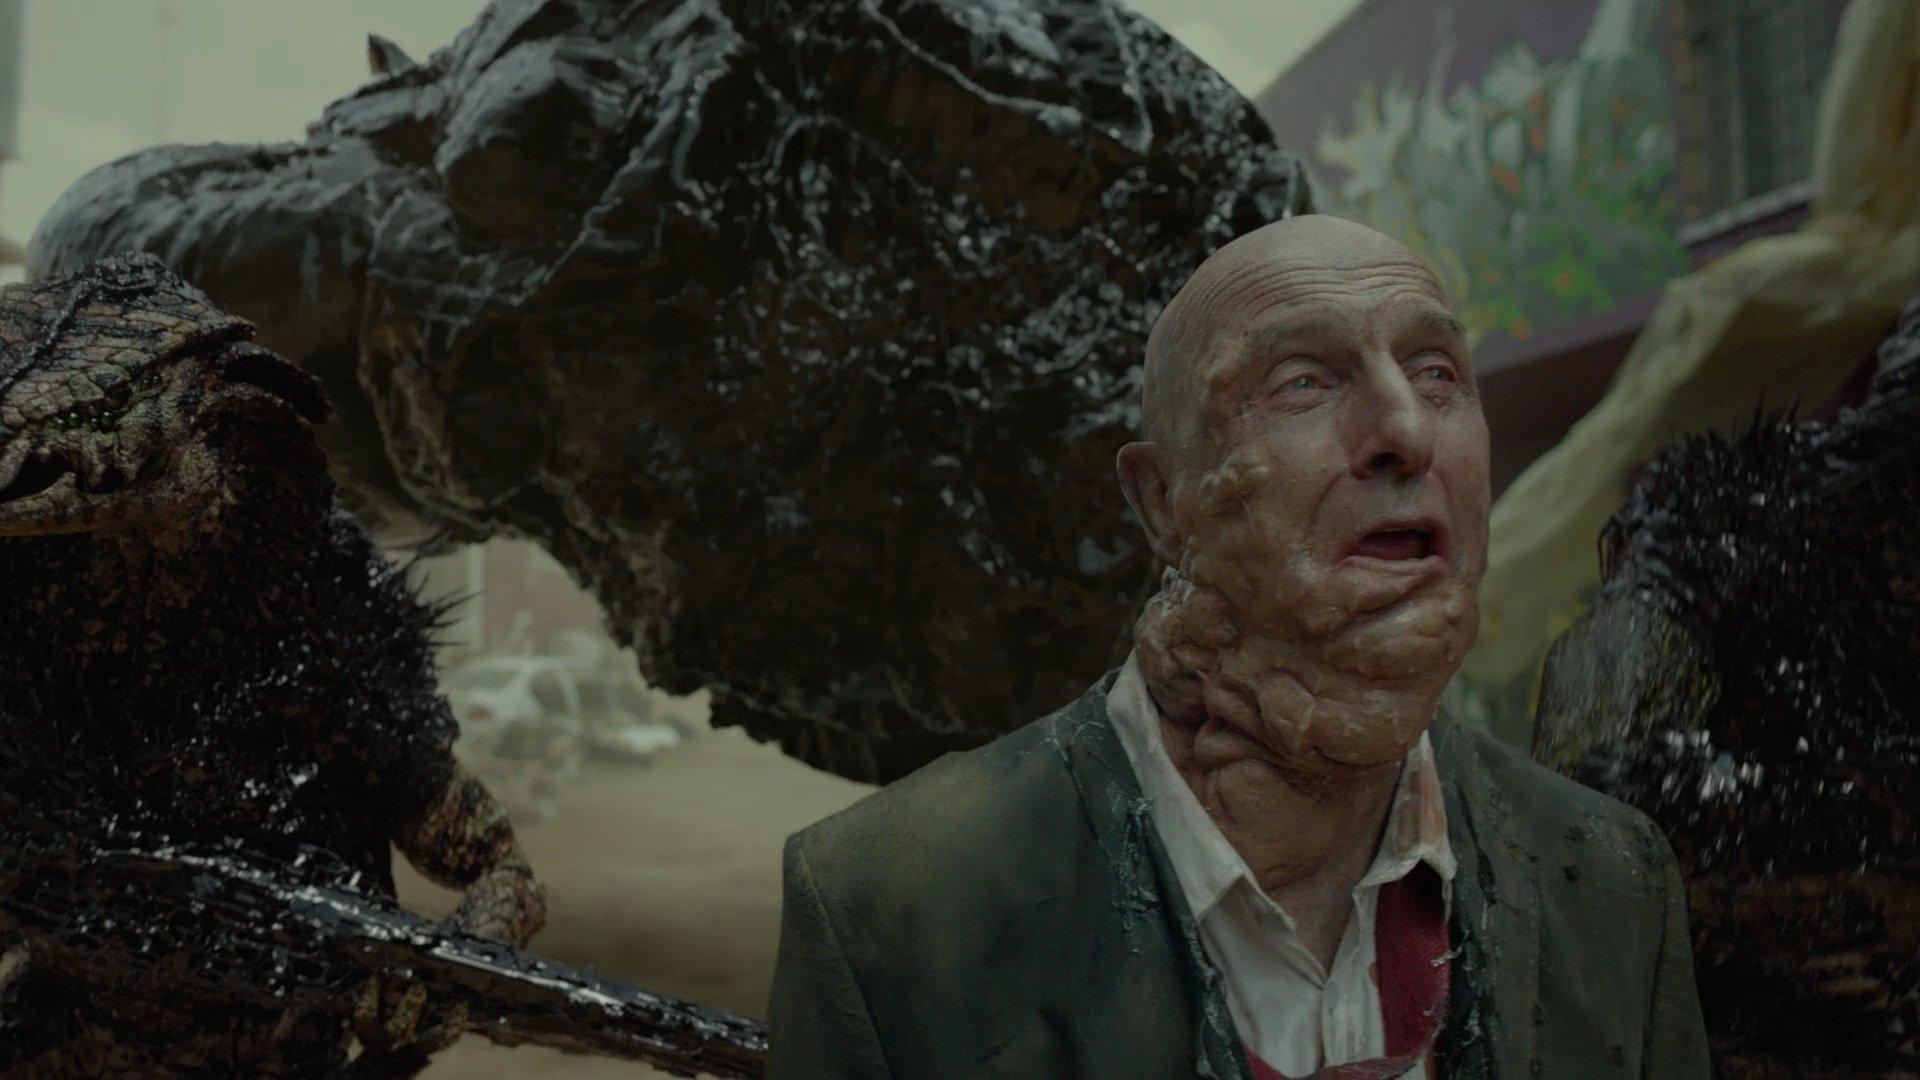 нил бломкамп короткометражки Oats Studios песочница для фантастов отвратительные мужики disgusting men